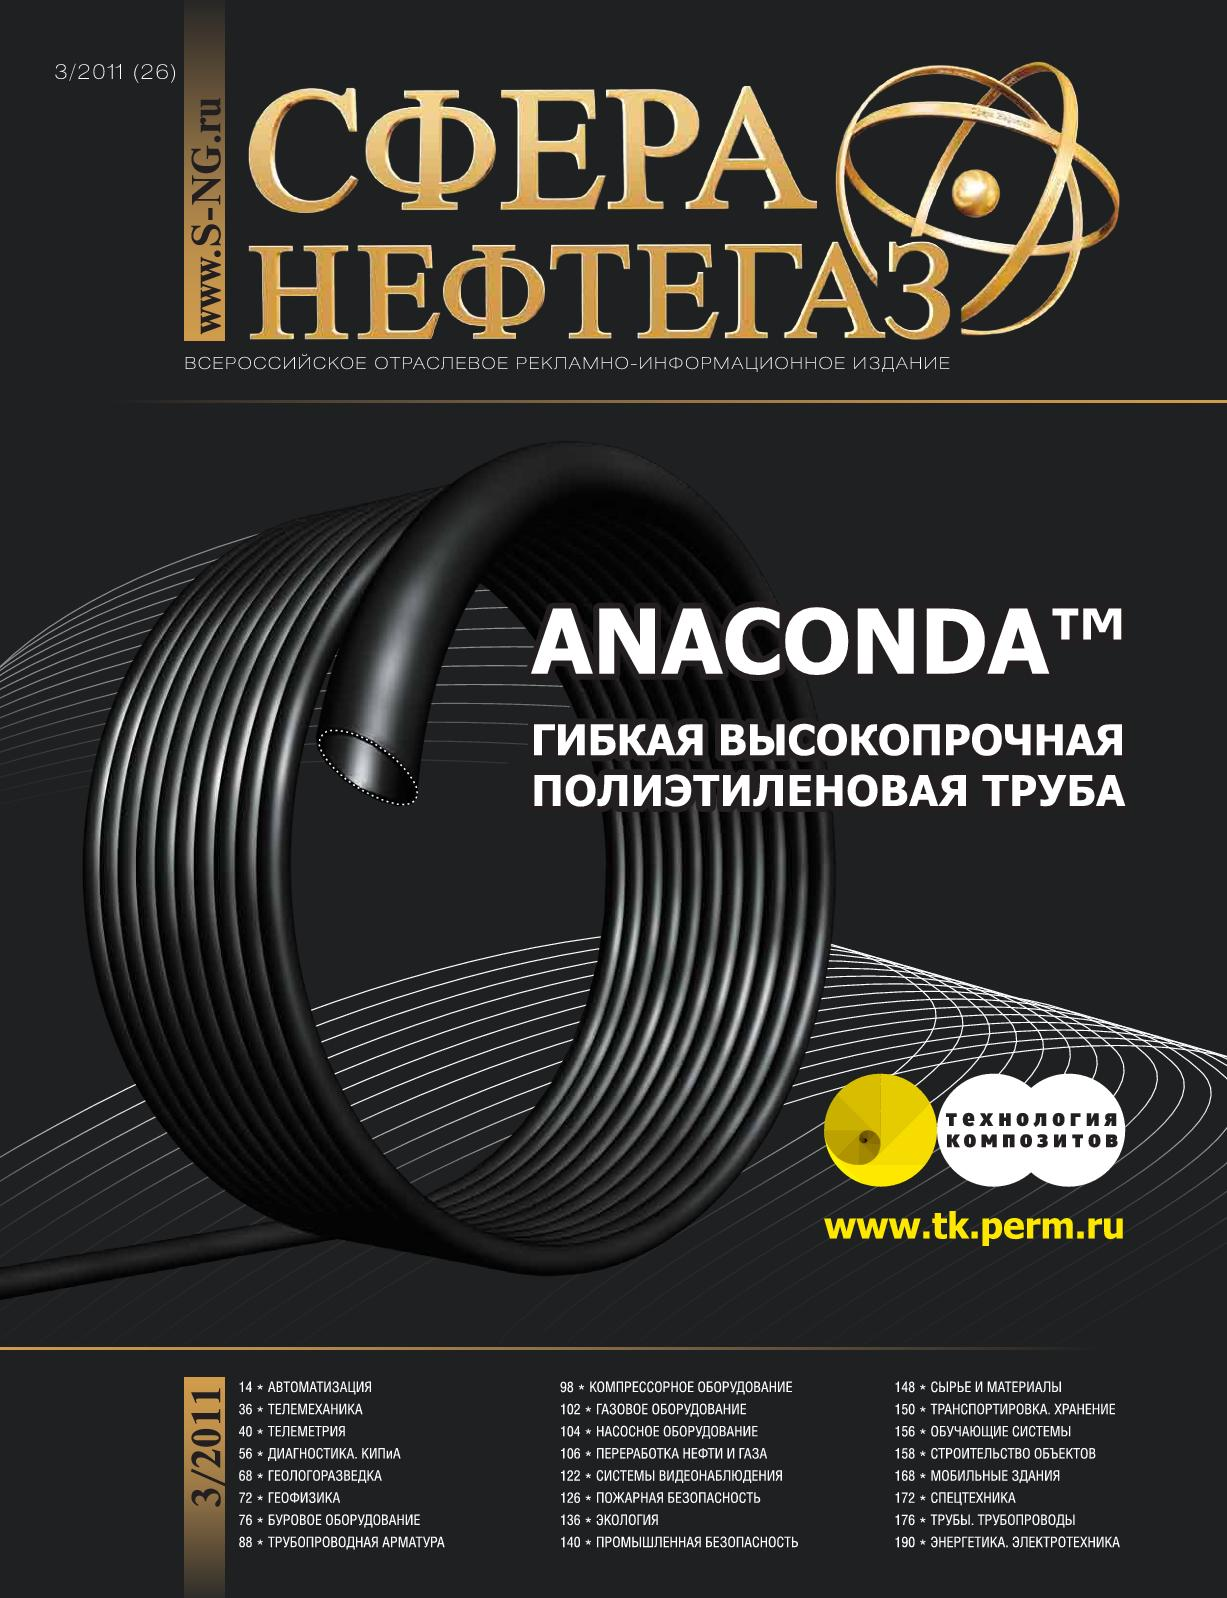 Разборный пластинчатый теплообменник APV N35 MGS Чайковский Кожухотрубный испаритель ONDA PE 10 Новоуральск